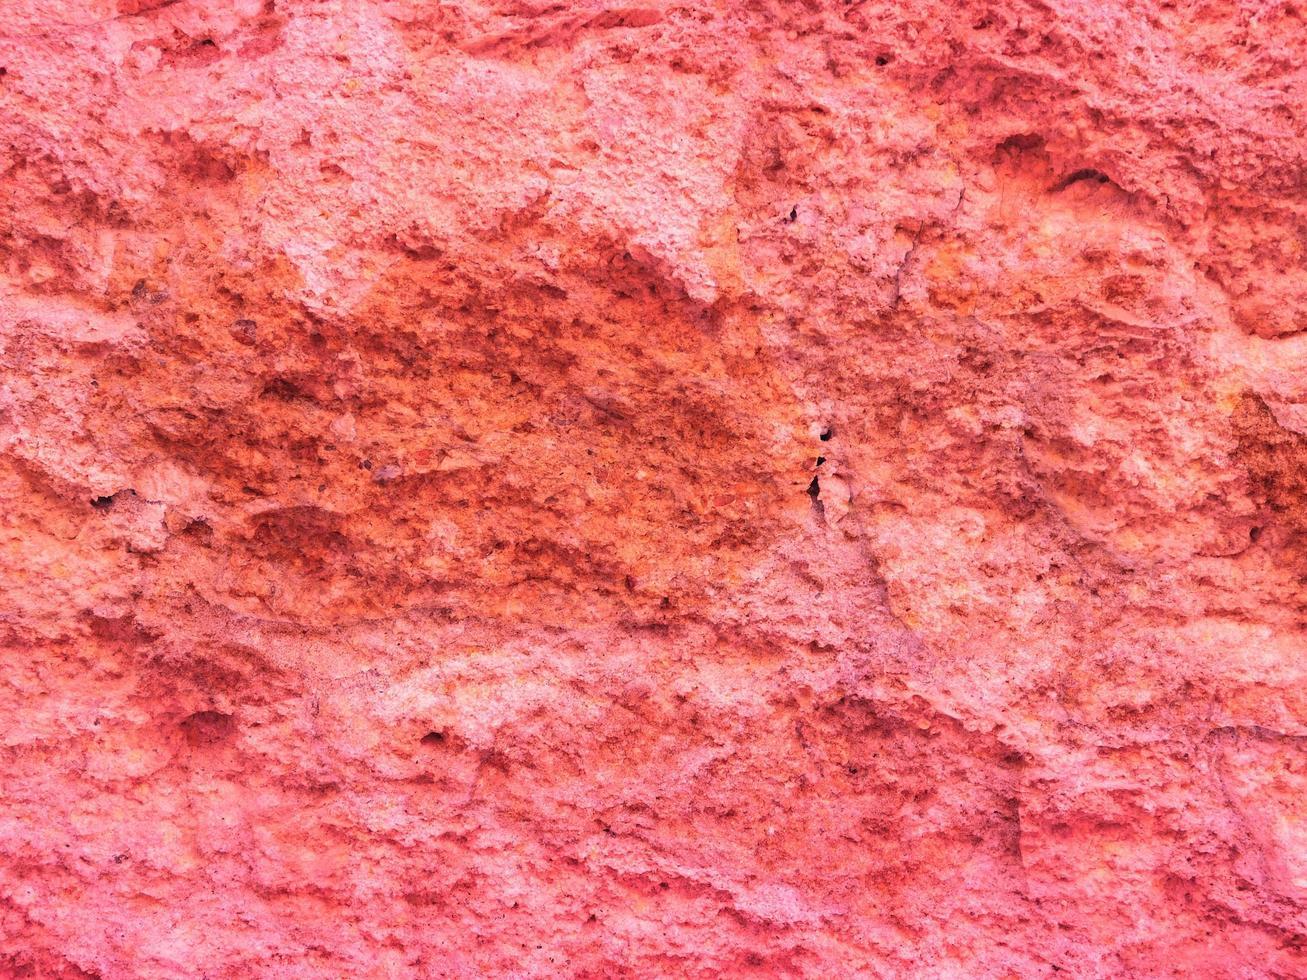 rosa Steinstruktur foto